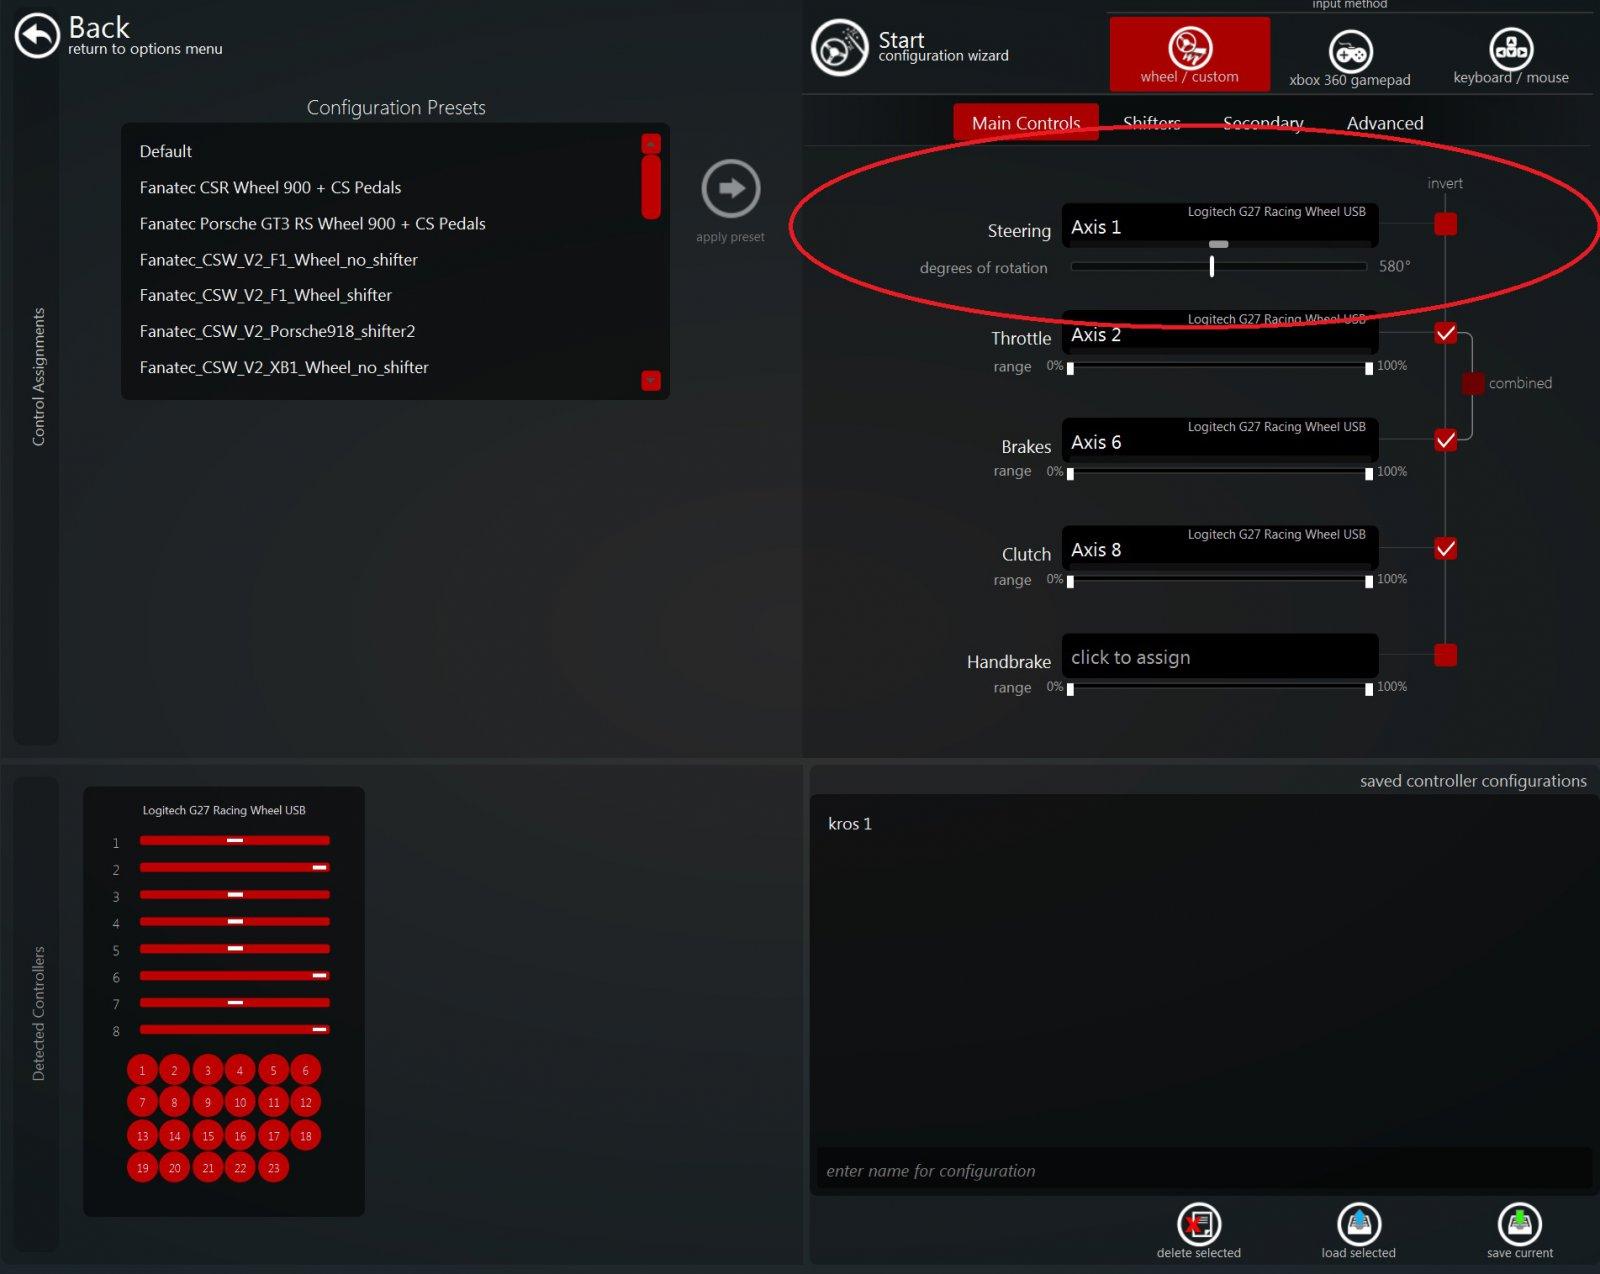 Desktop Screenshot 2018.03.22 - 14.18.38.27k.jpg